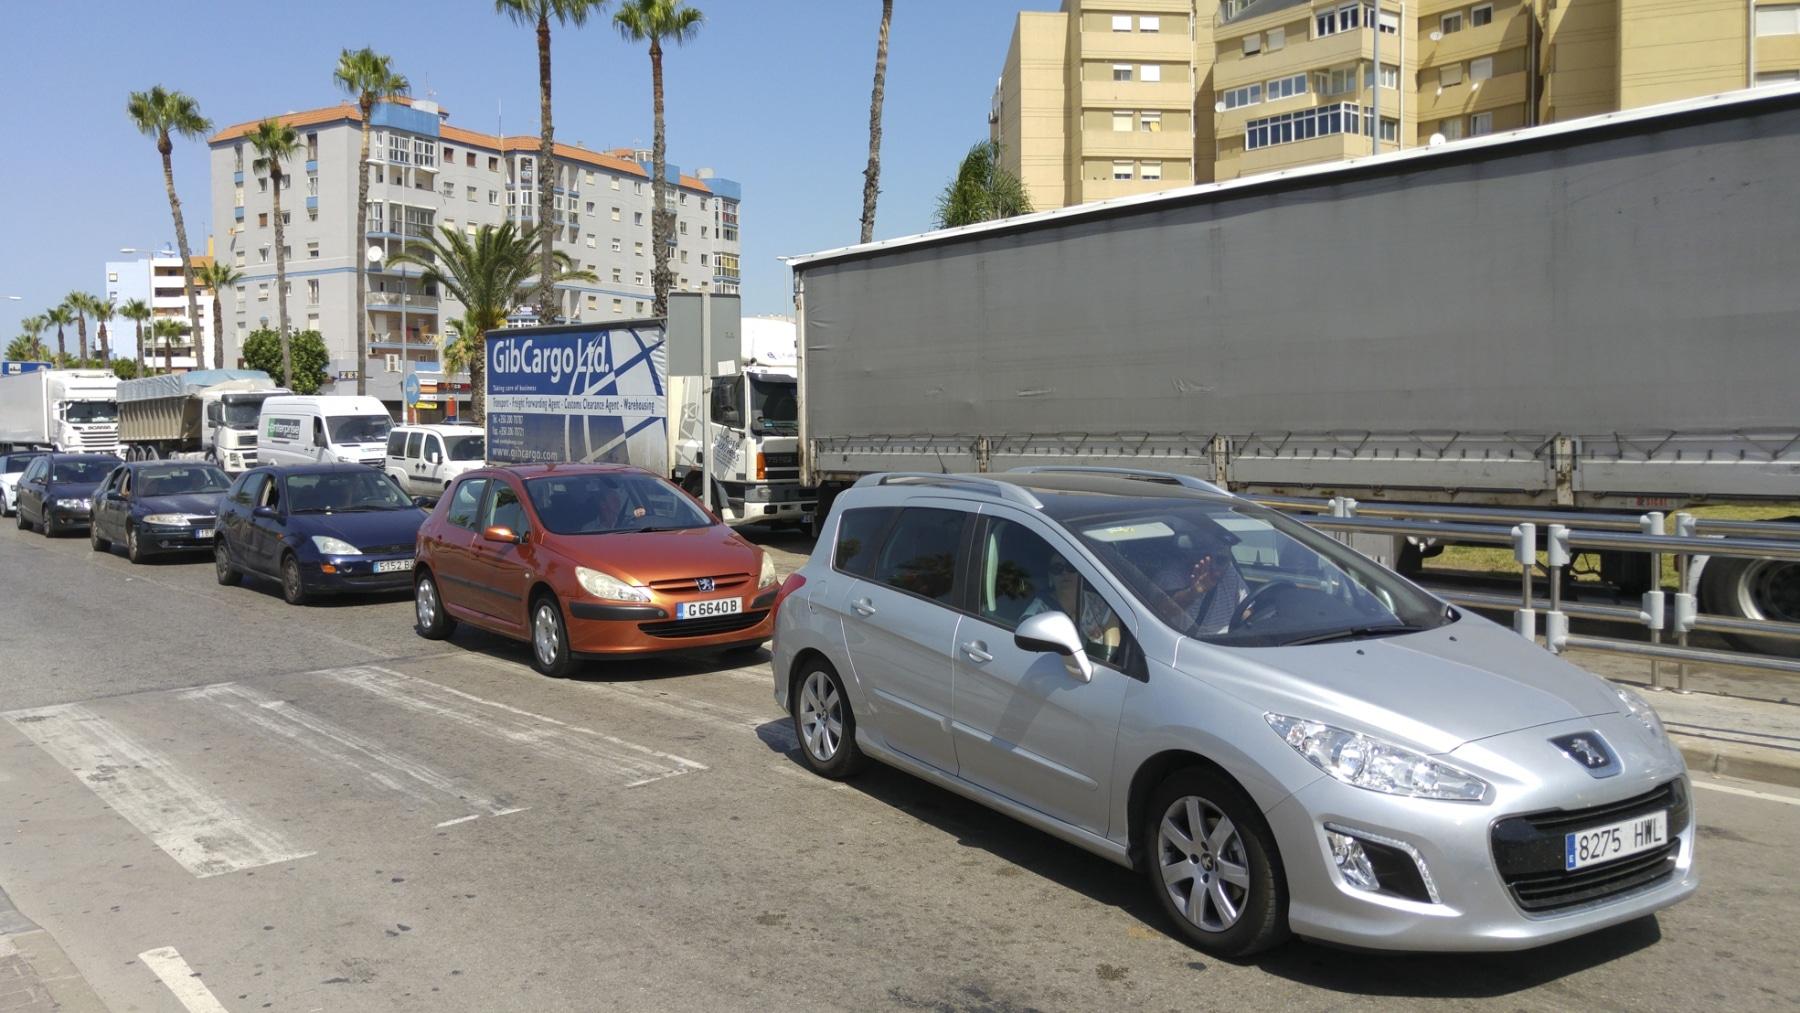 cola-entrada-a-gibraltar-28072015-23_19901700590_o